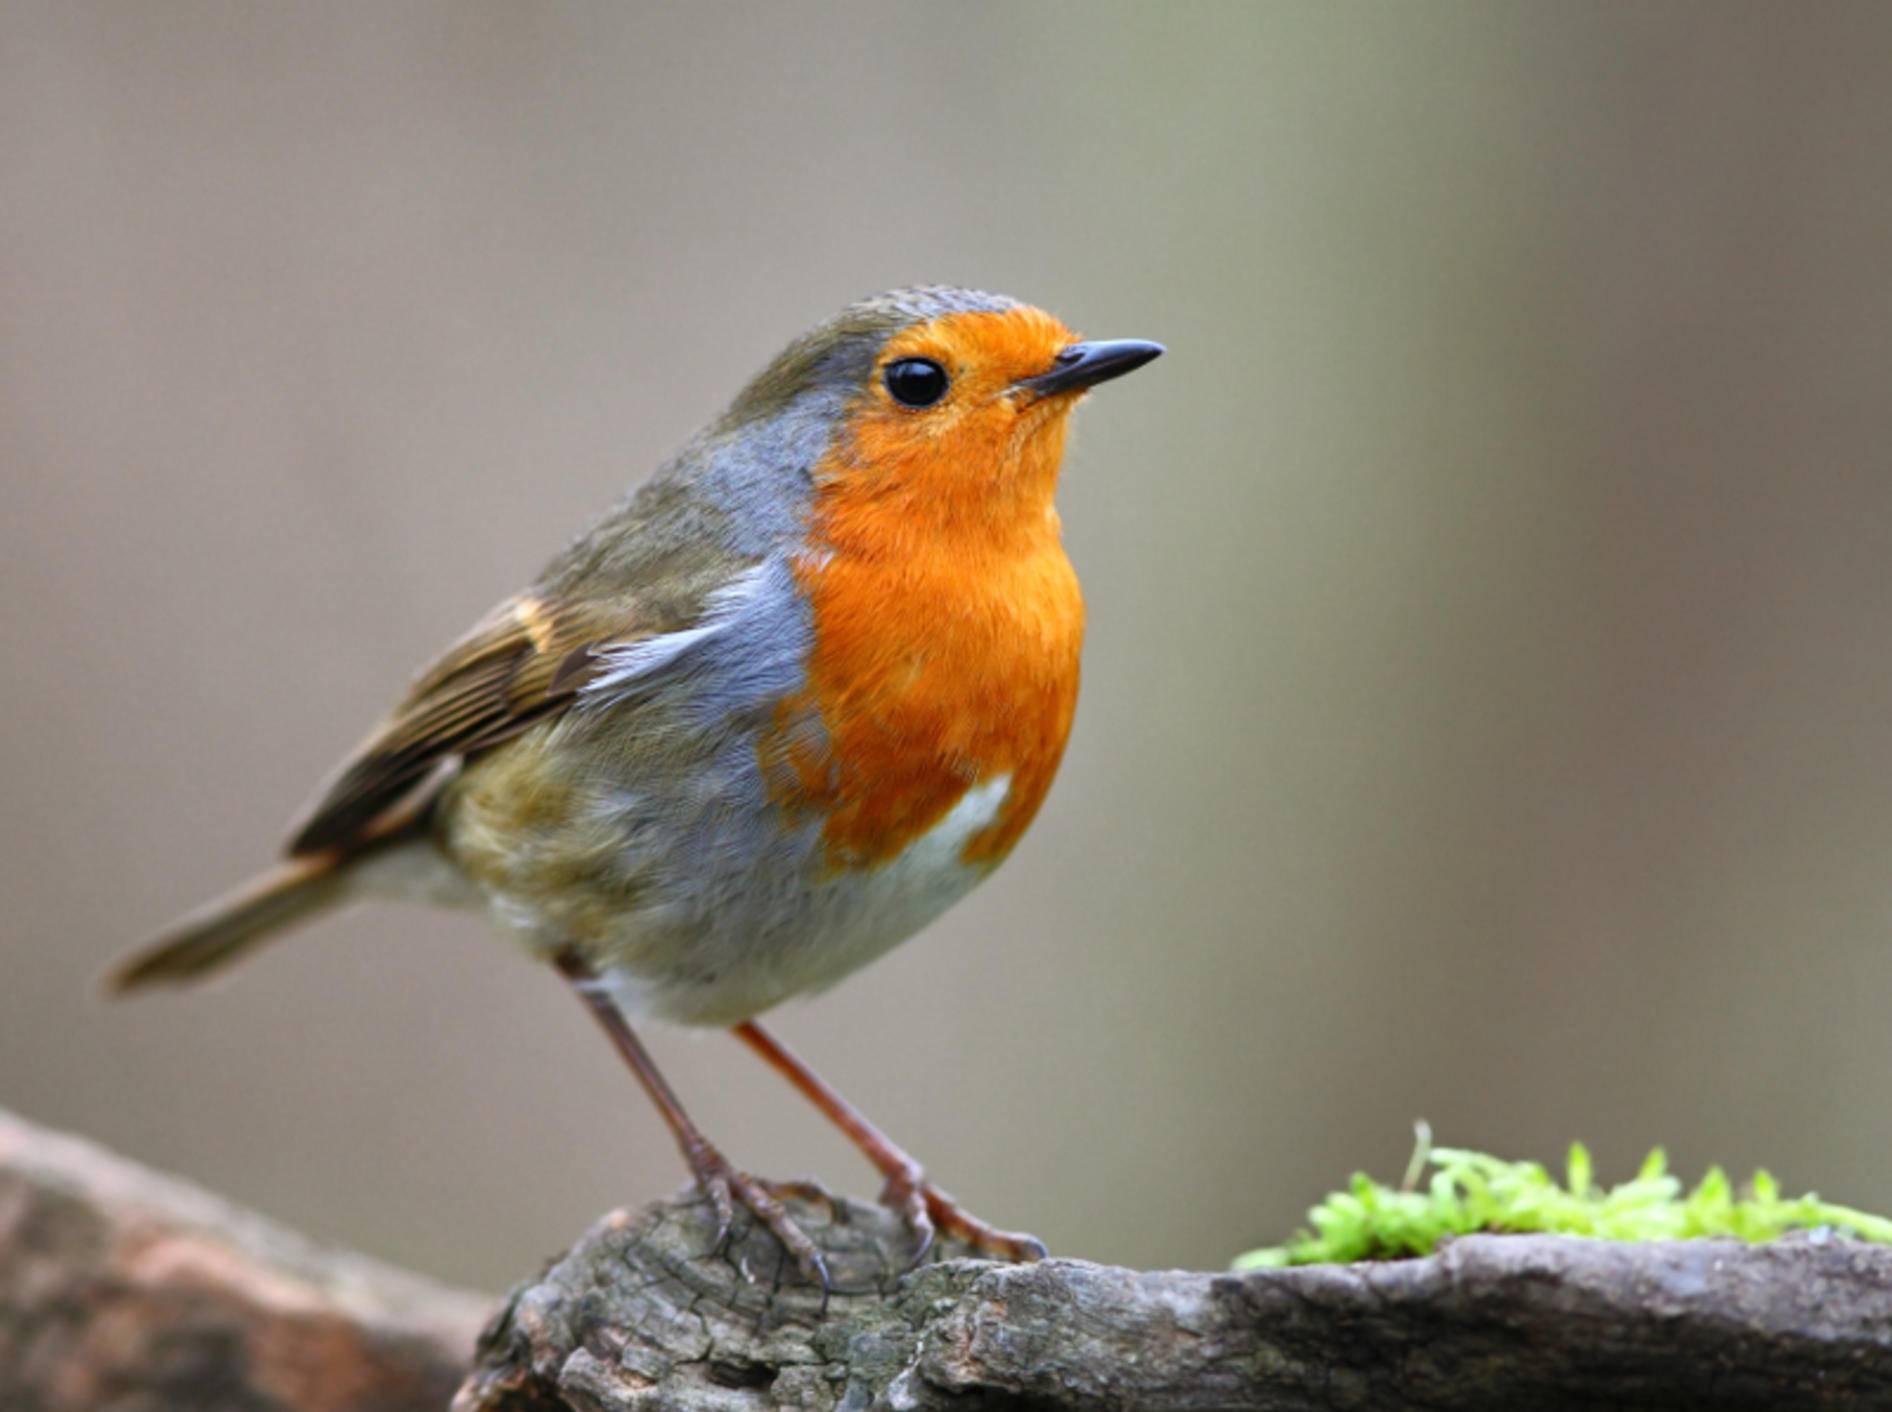 Farbenfroh: Bei Rotkehlchen fällt sofort das orangerote Gefieder an Brust, Kehle und Stirn auf – Bild: Shutterstock / Tomatito